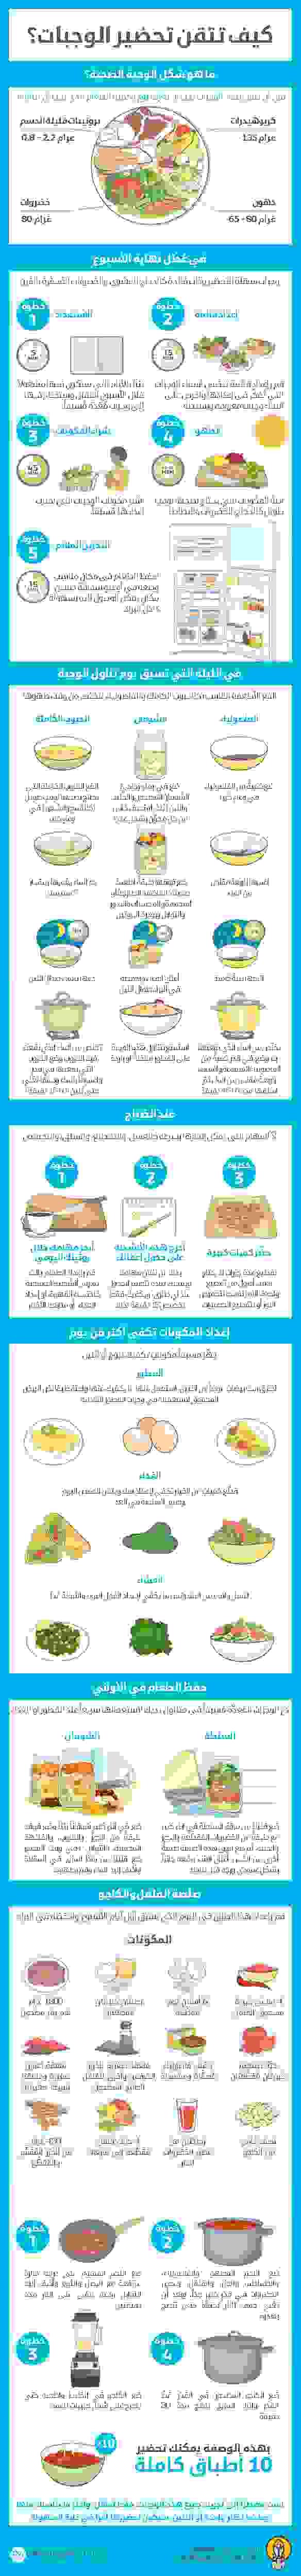 7 استراتيجيات لتناول الطعام الصحي